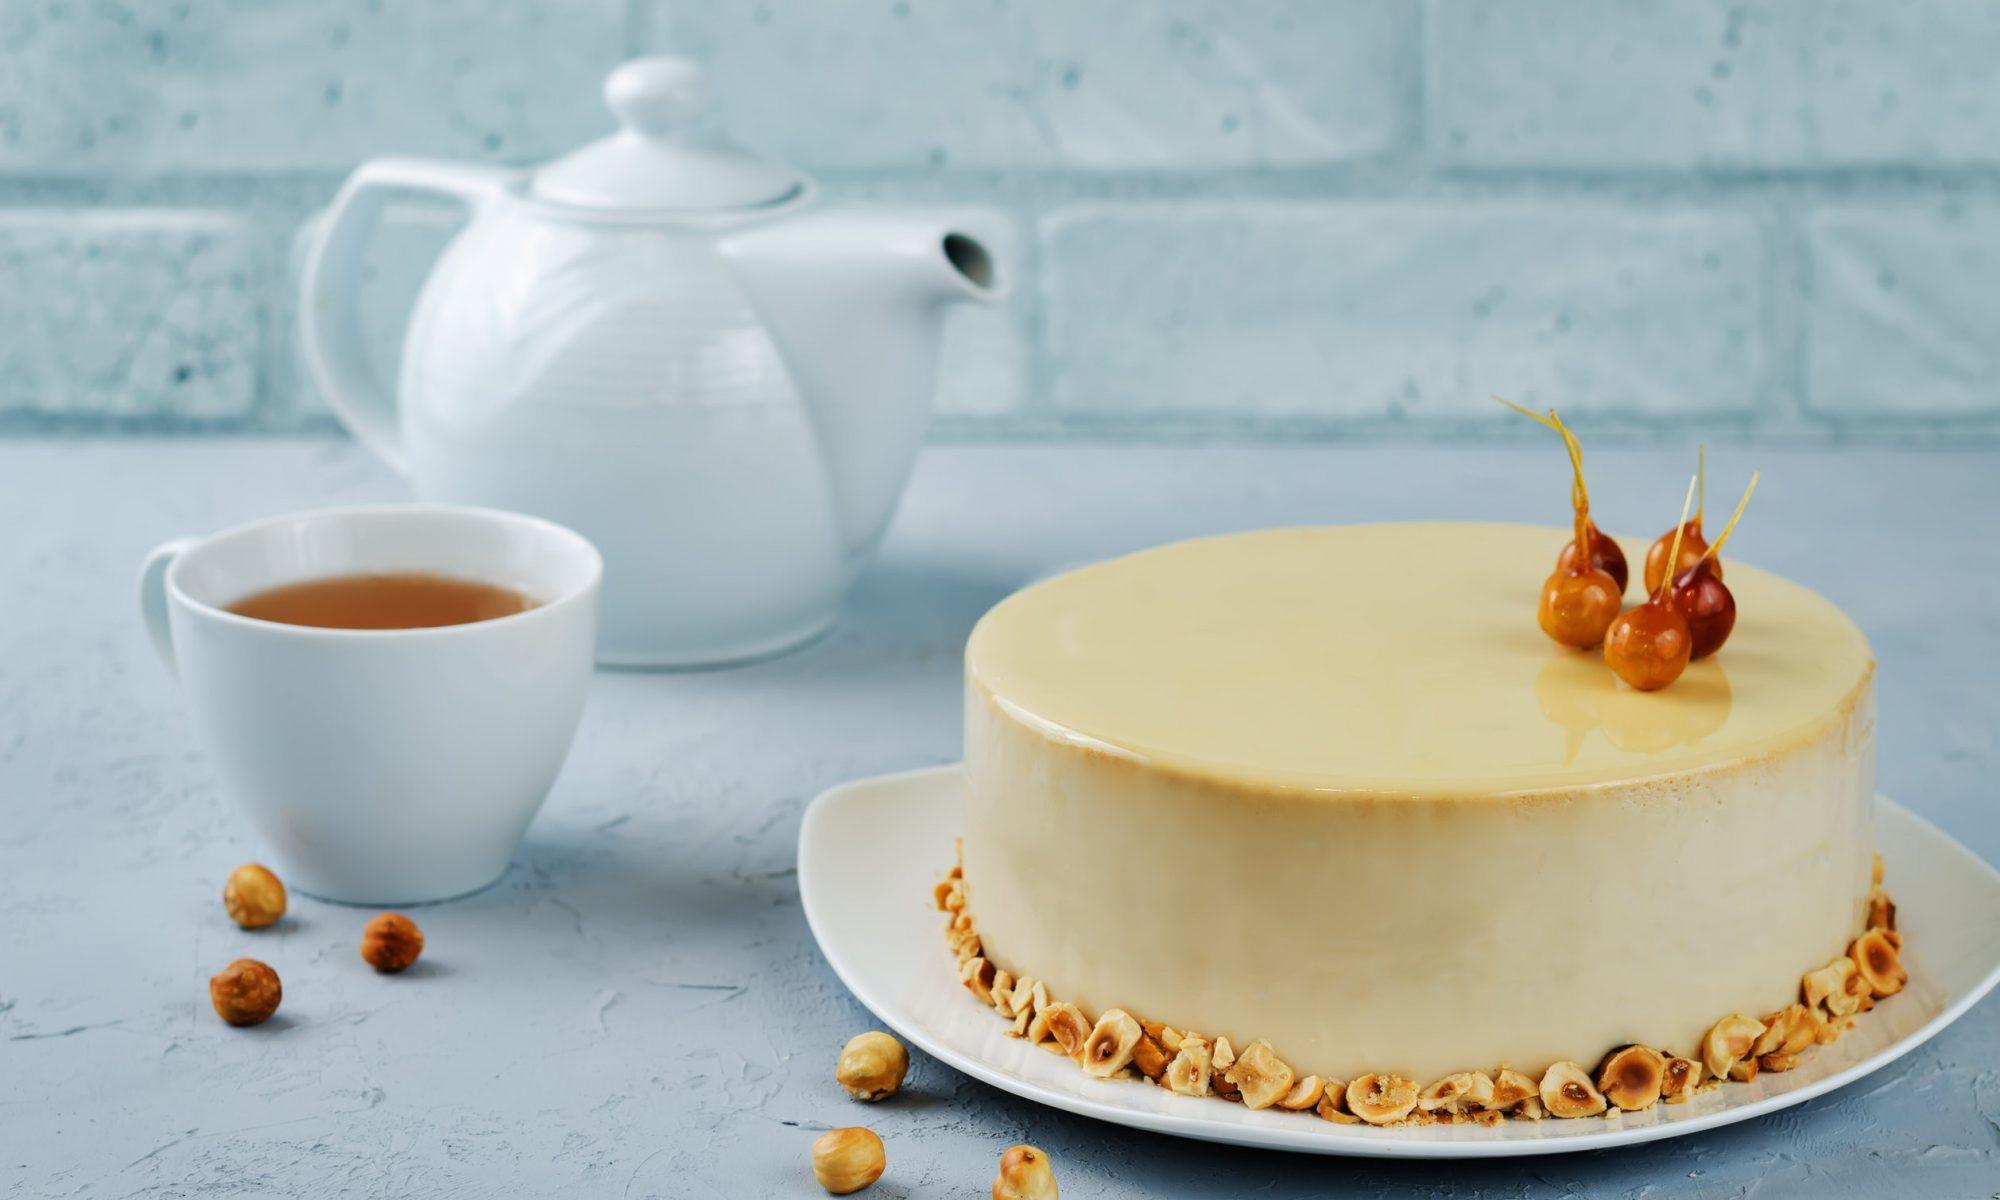 Муссовый торт «Облако»